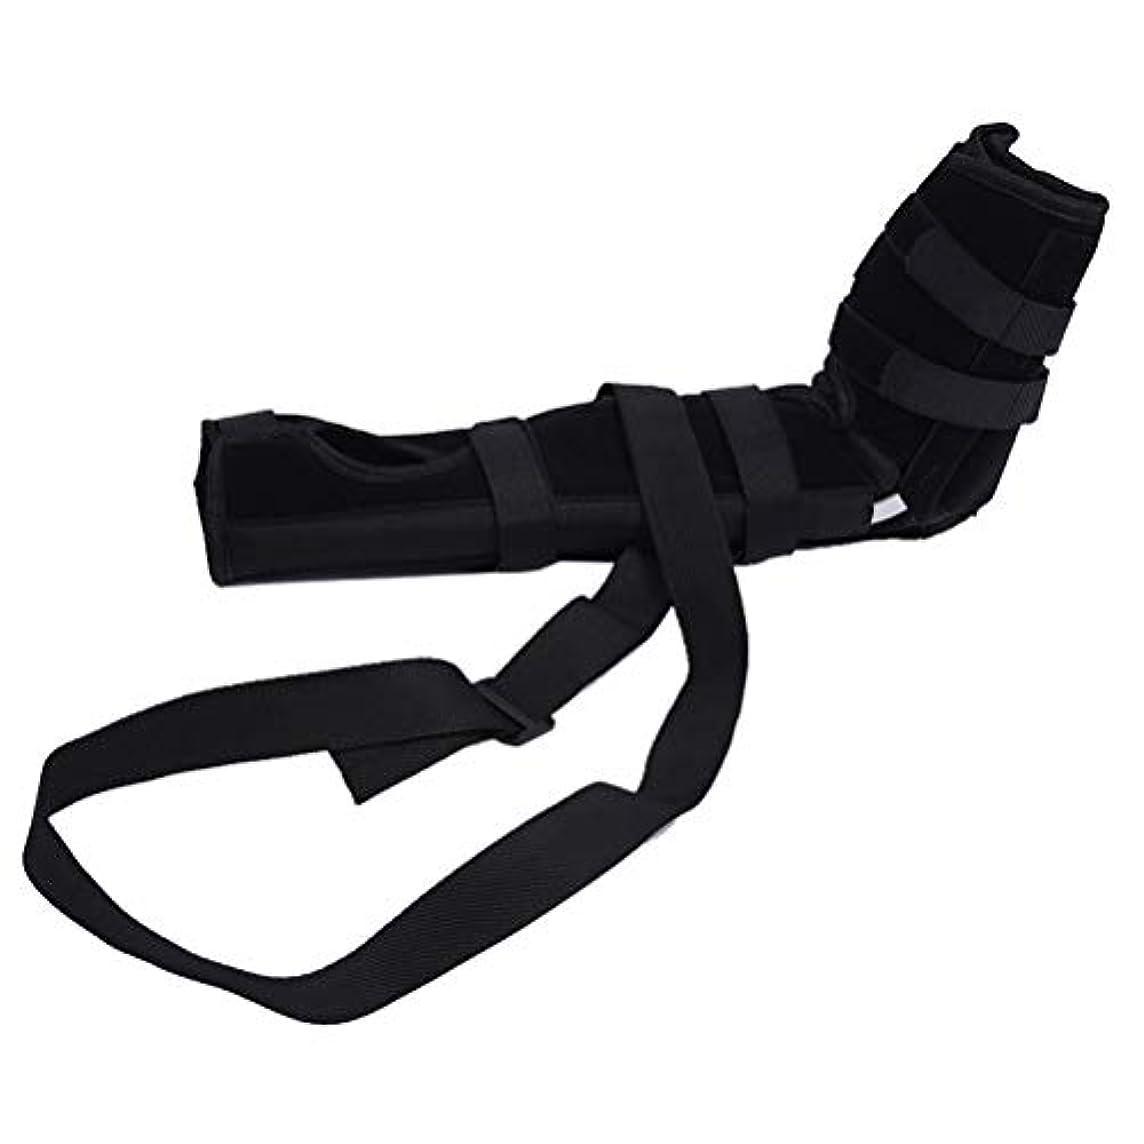 伸ばす不快ミシン目SUPVOX 肘ブレース 関節サポート アームリーダー 保護 固定 腕つり 関節 保護 男女兼用 調節可能 通気性 術後ケアブレース(ブラック サイズS)